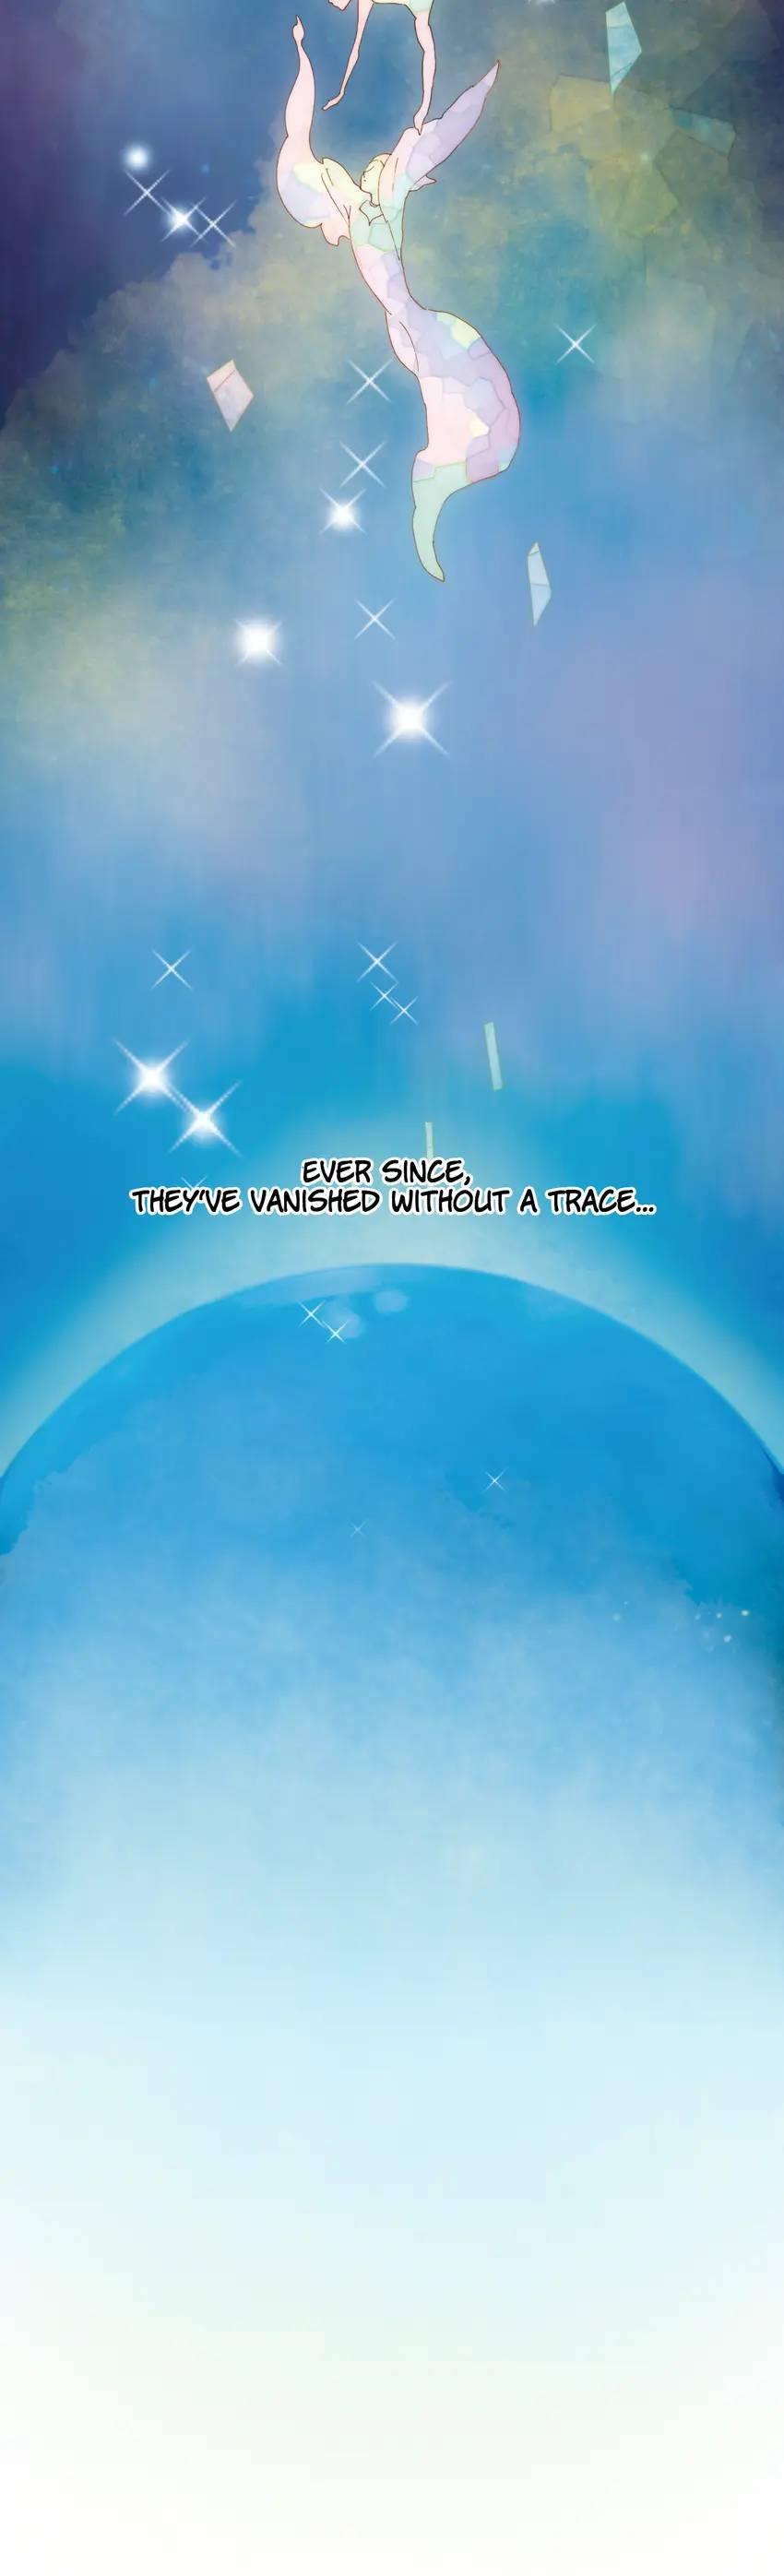 Soundless Cosmos